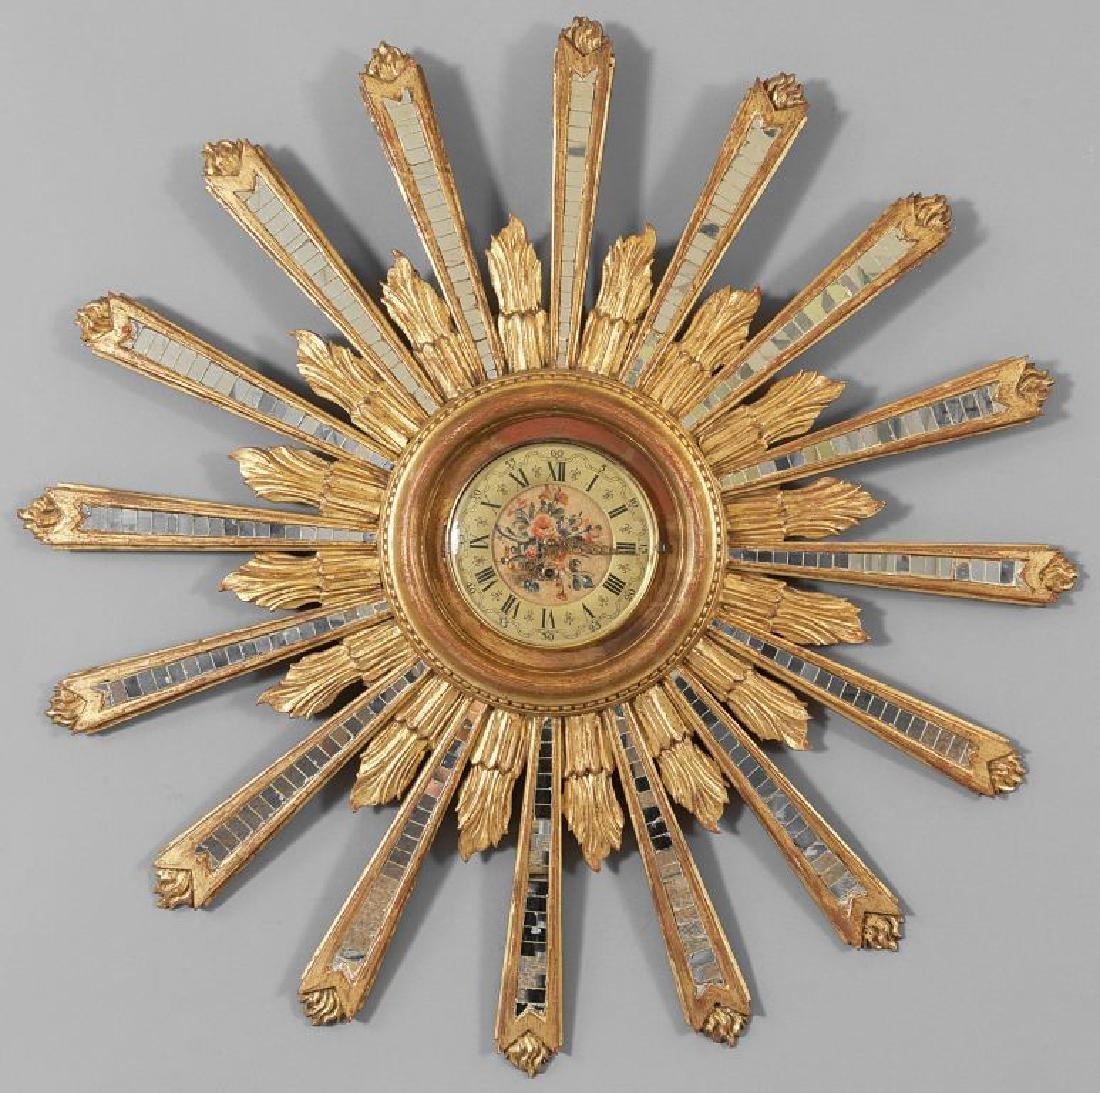 Raggiera in legno intagliato e dorato con specchi